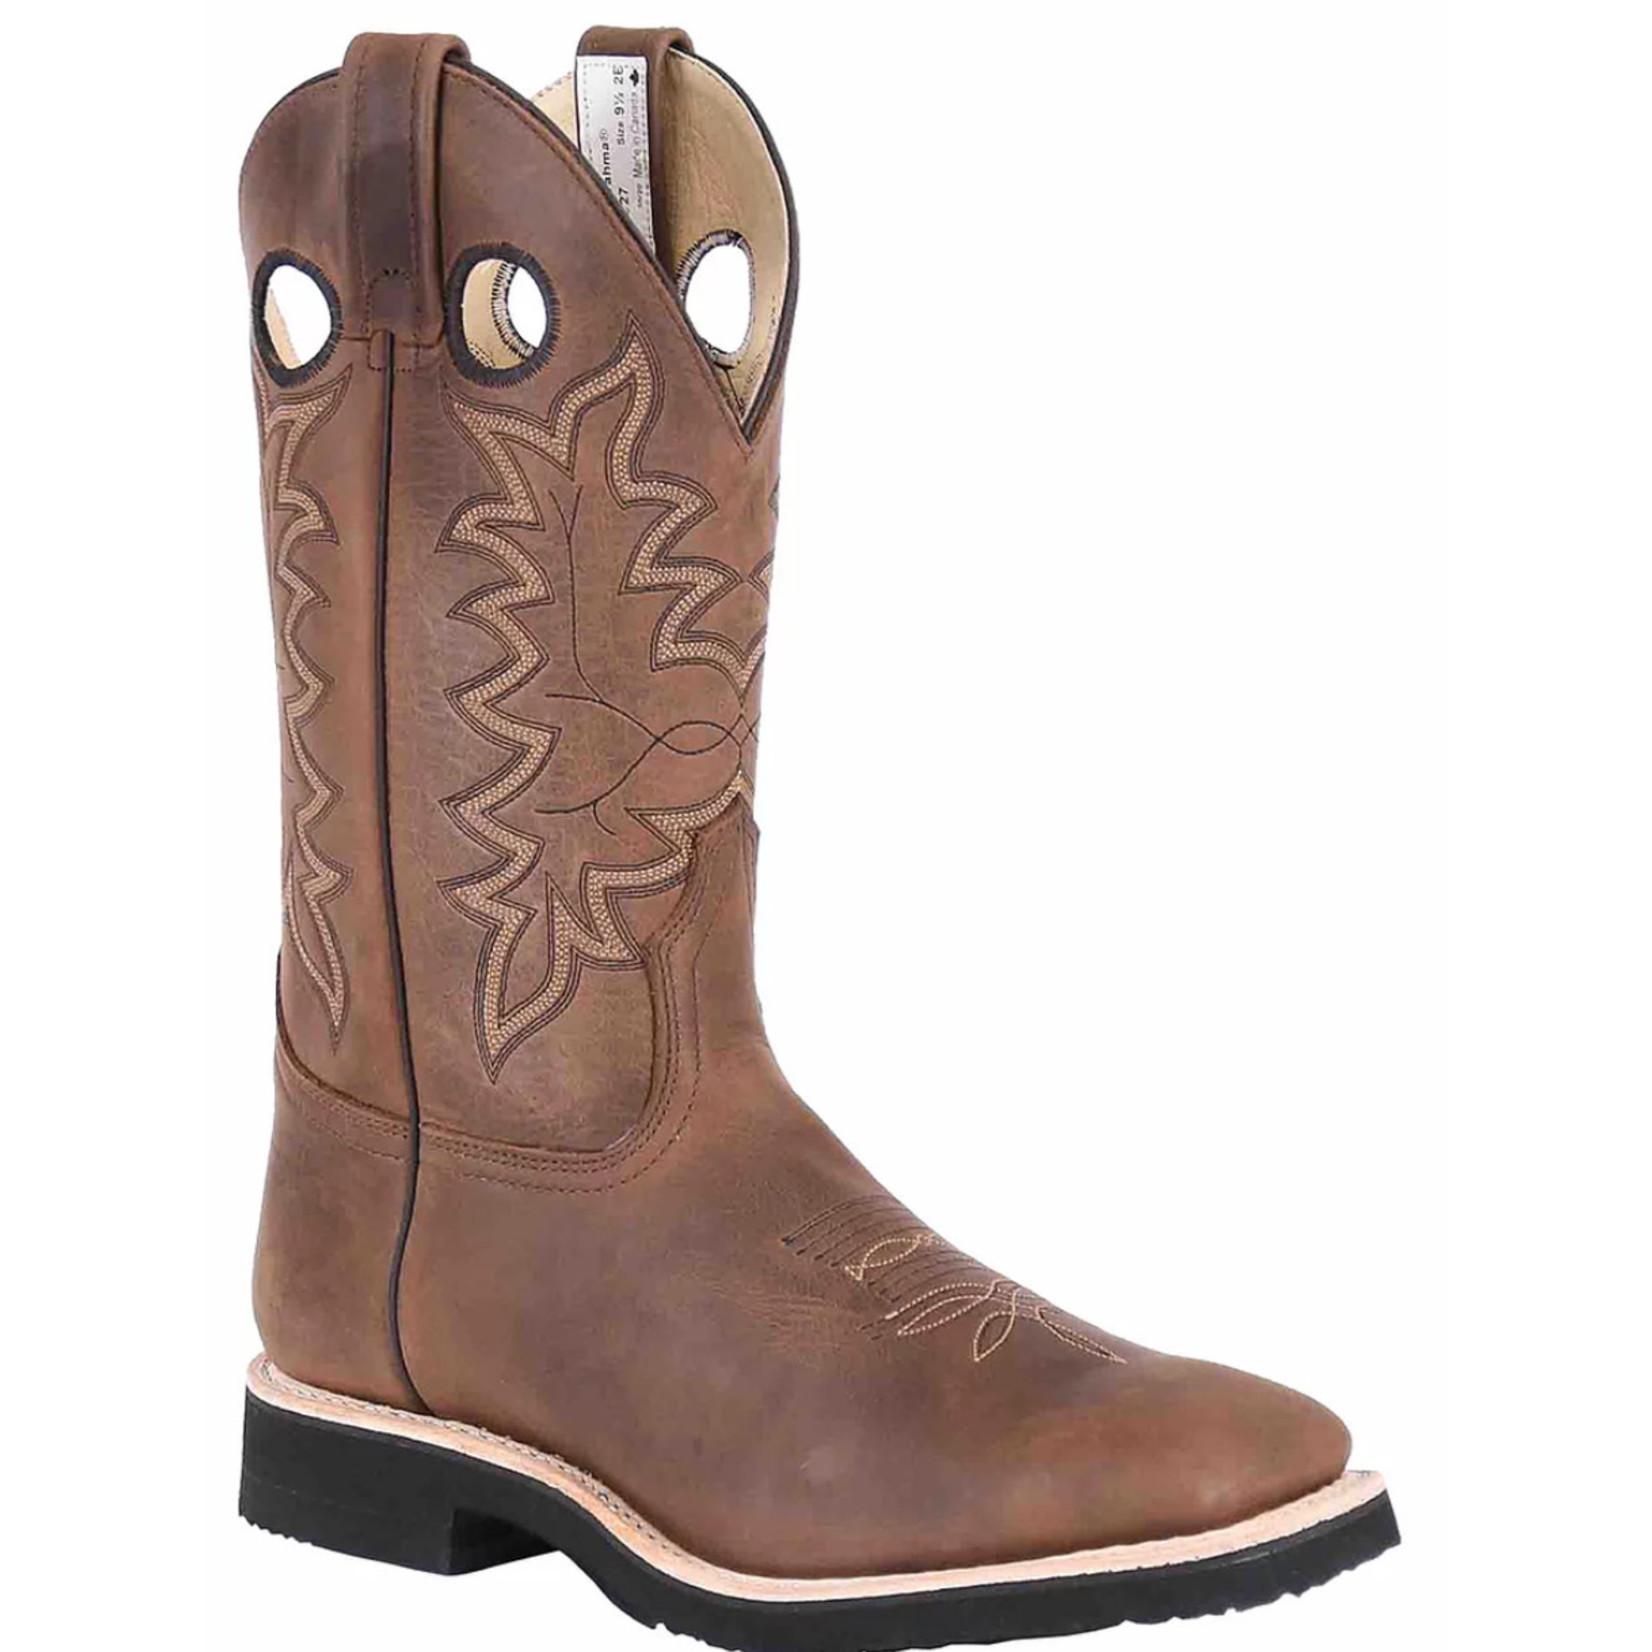 Brahma Canada West Brahma Men's Cowboy Boot 7027 2E